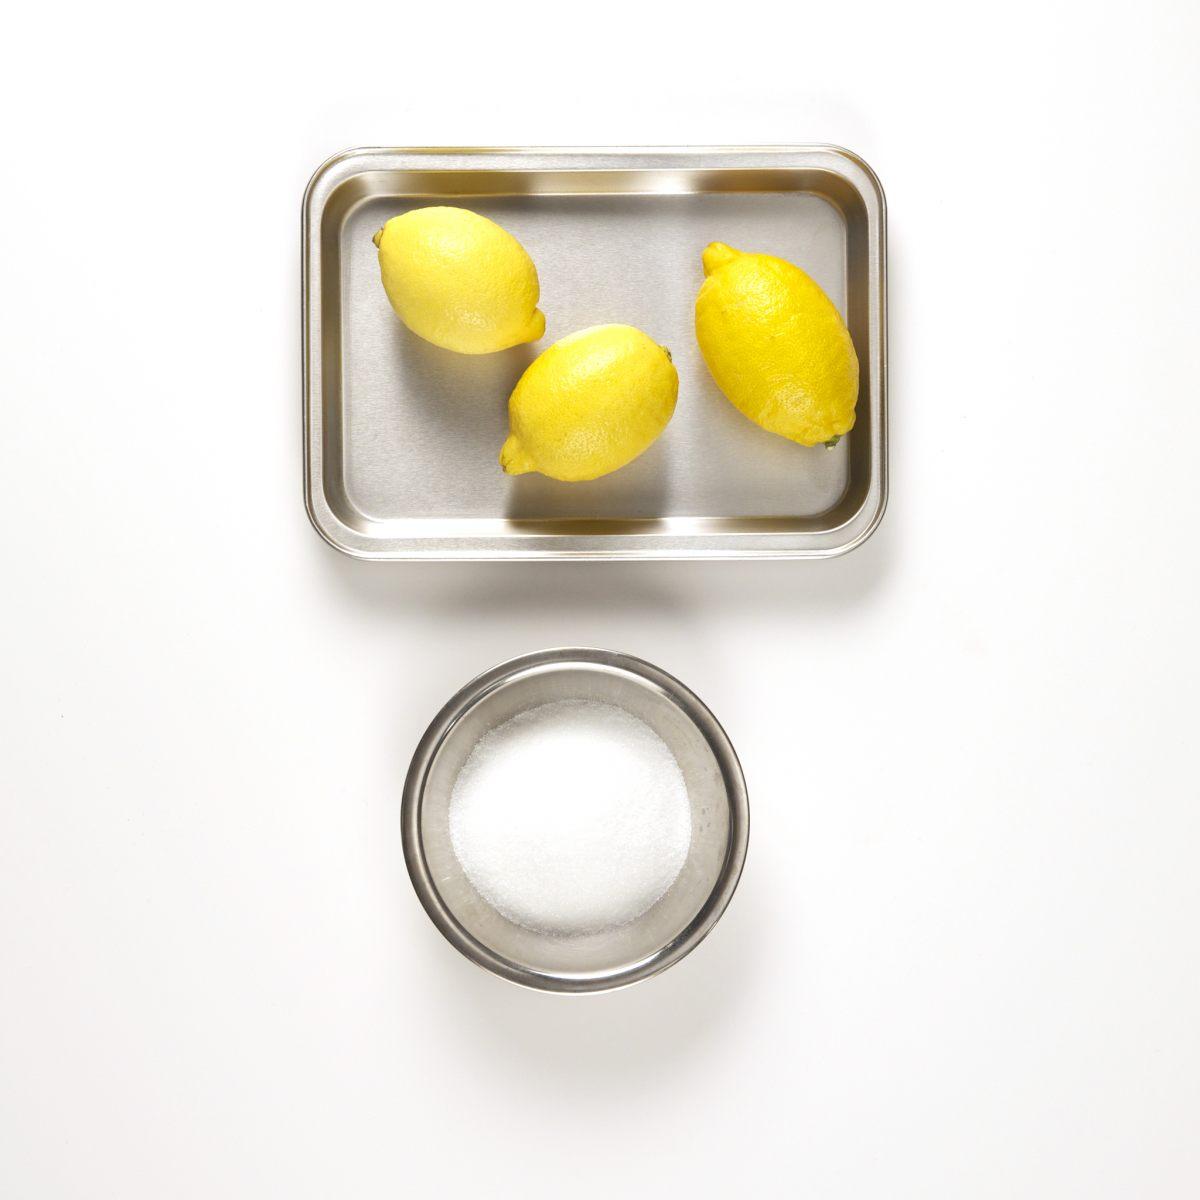 Citrons confits sucrés